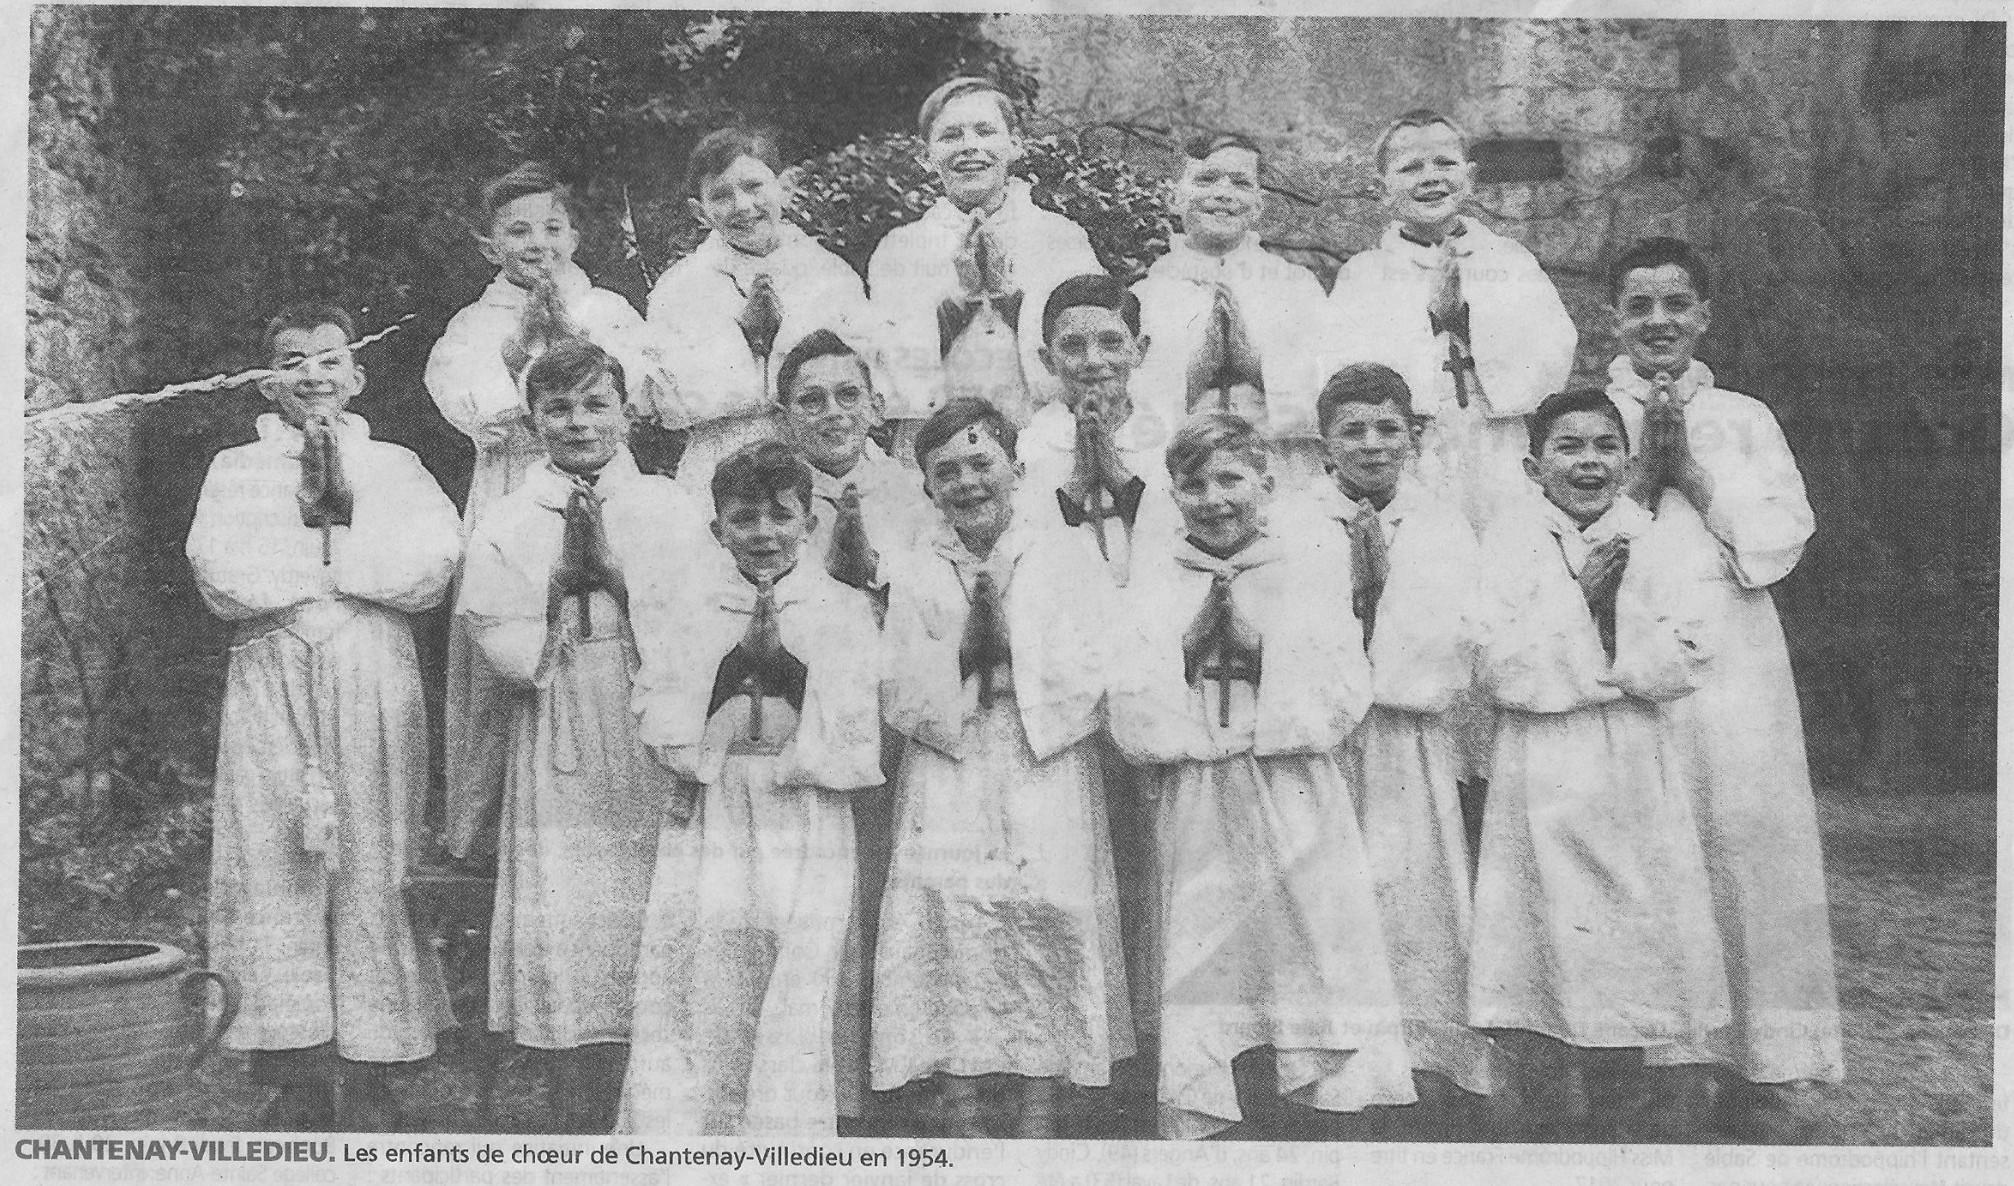 Chantenay Villedieu - Groupes - Loisirs et sports - Les enfants de choeur - 1954